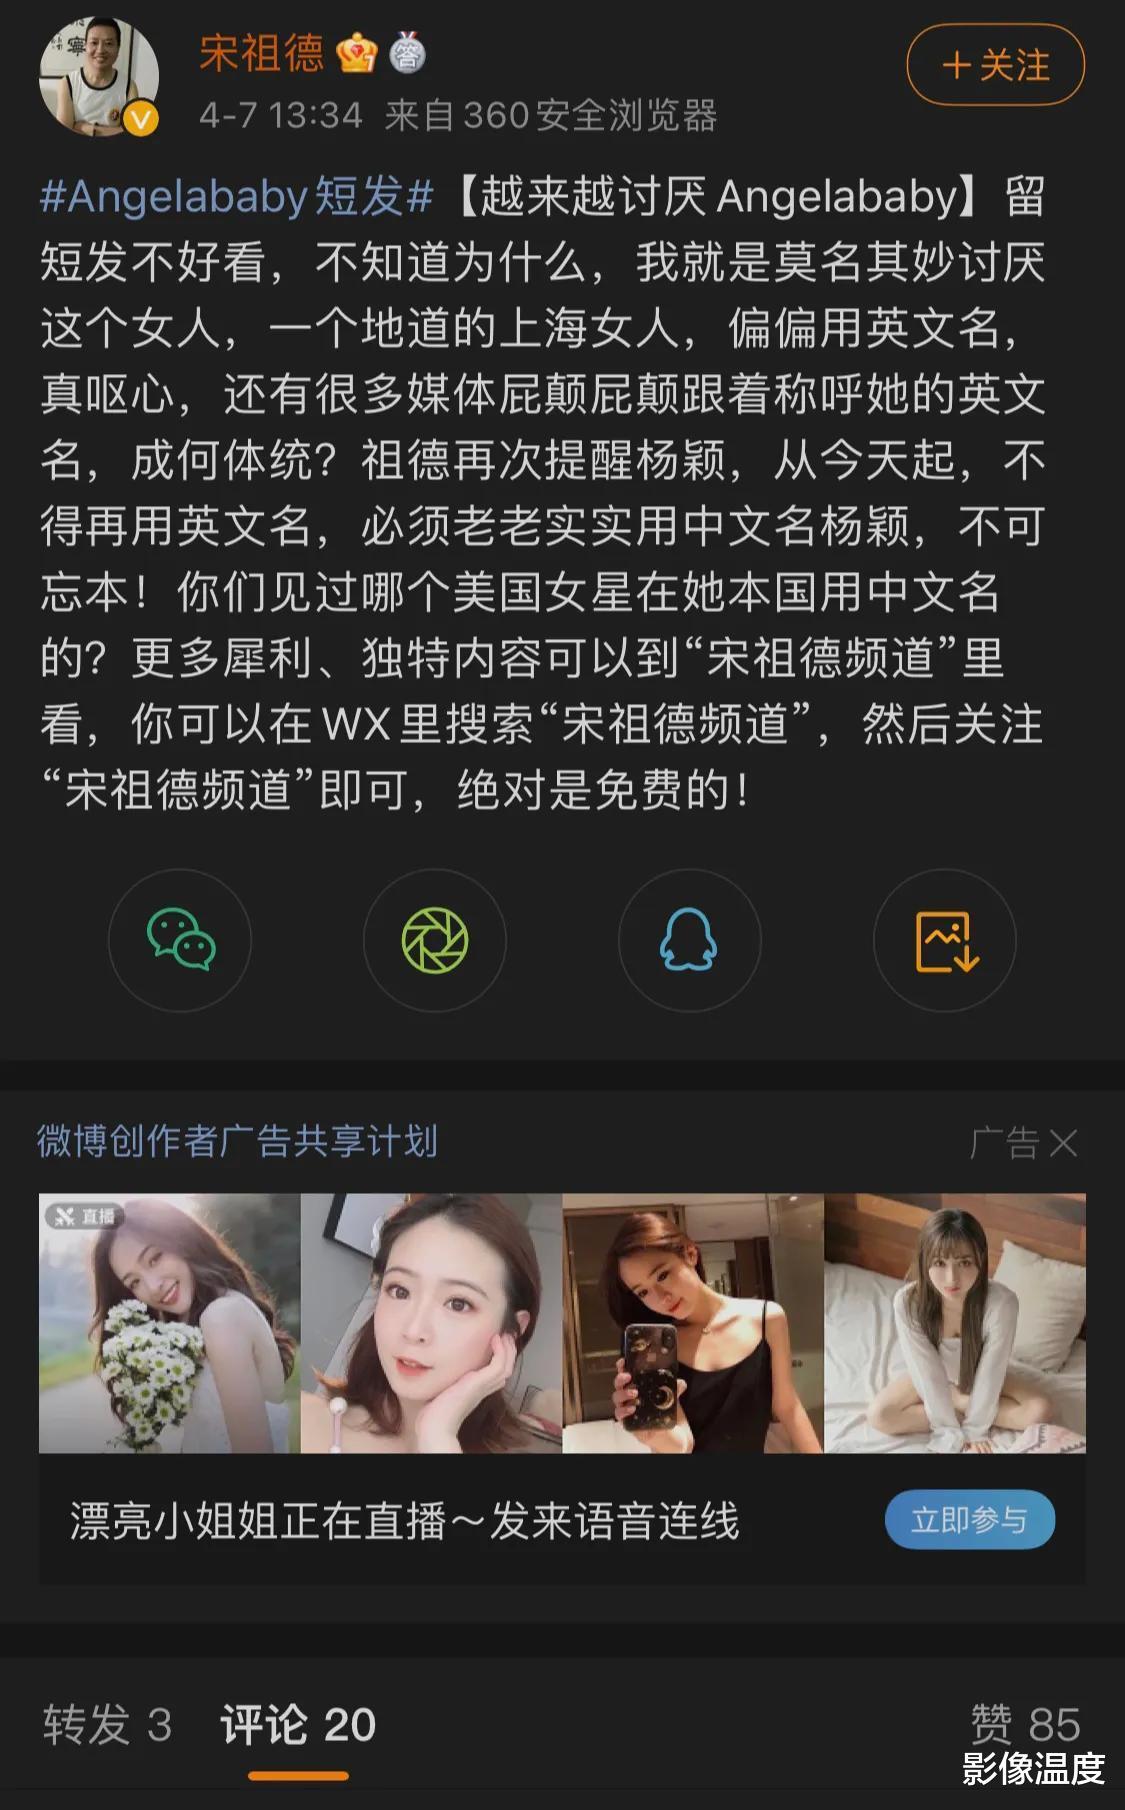 """斷言德雲社2024年倒閉,痛罵郭德綱:他為何如此""""狂妄囂張""""?-圖5"""